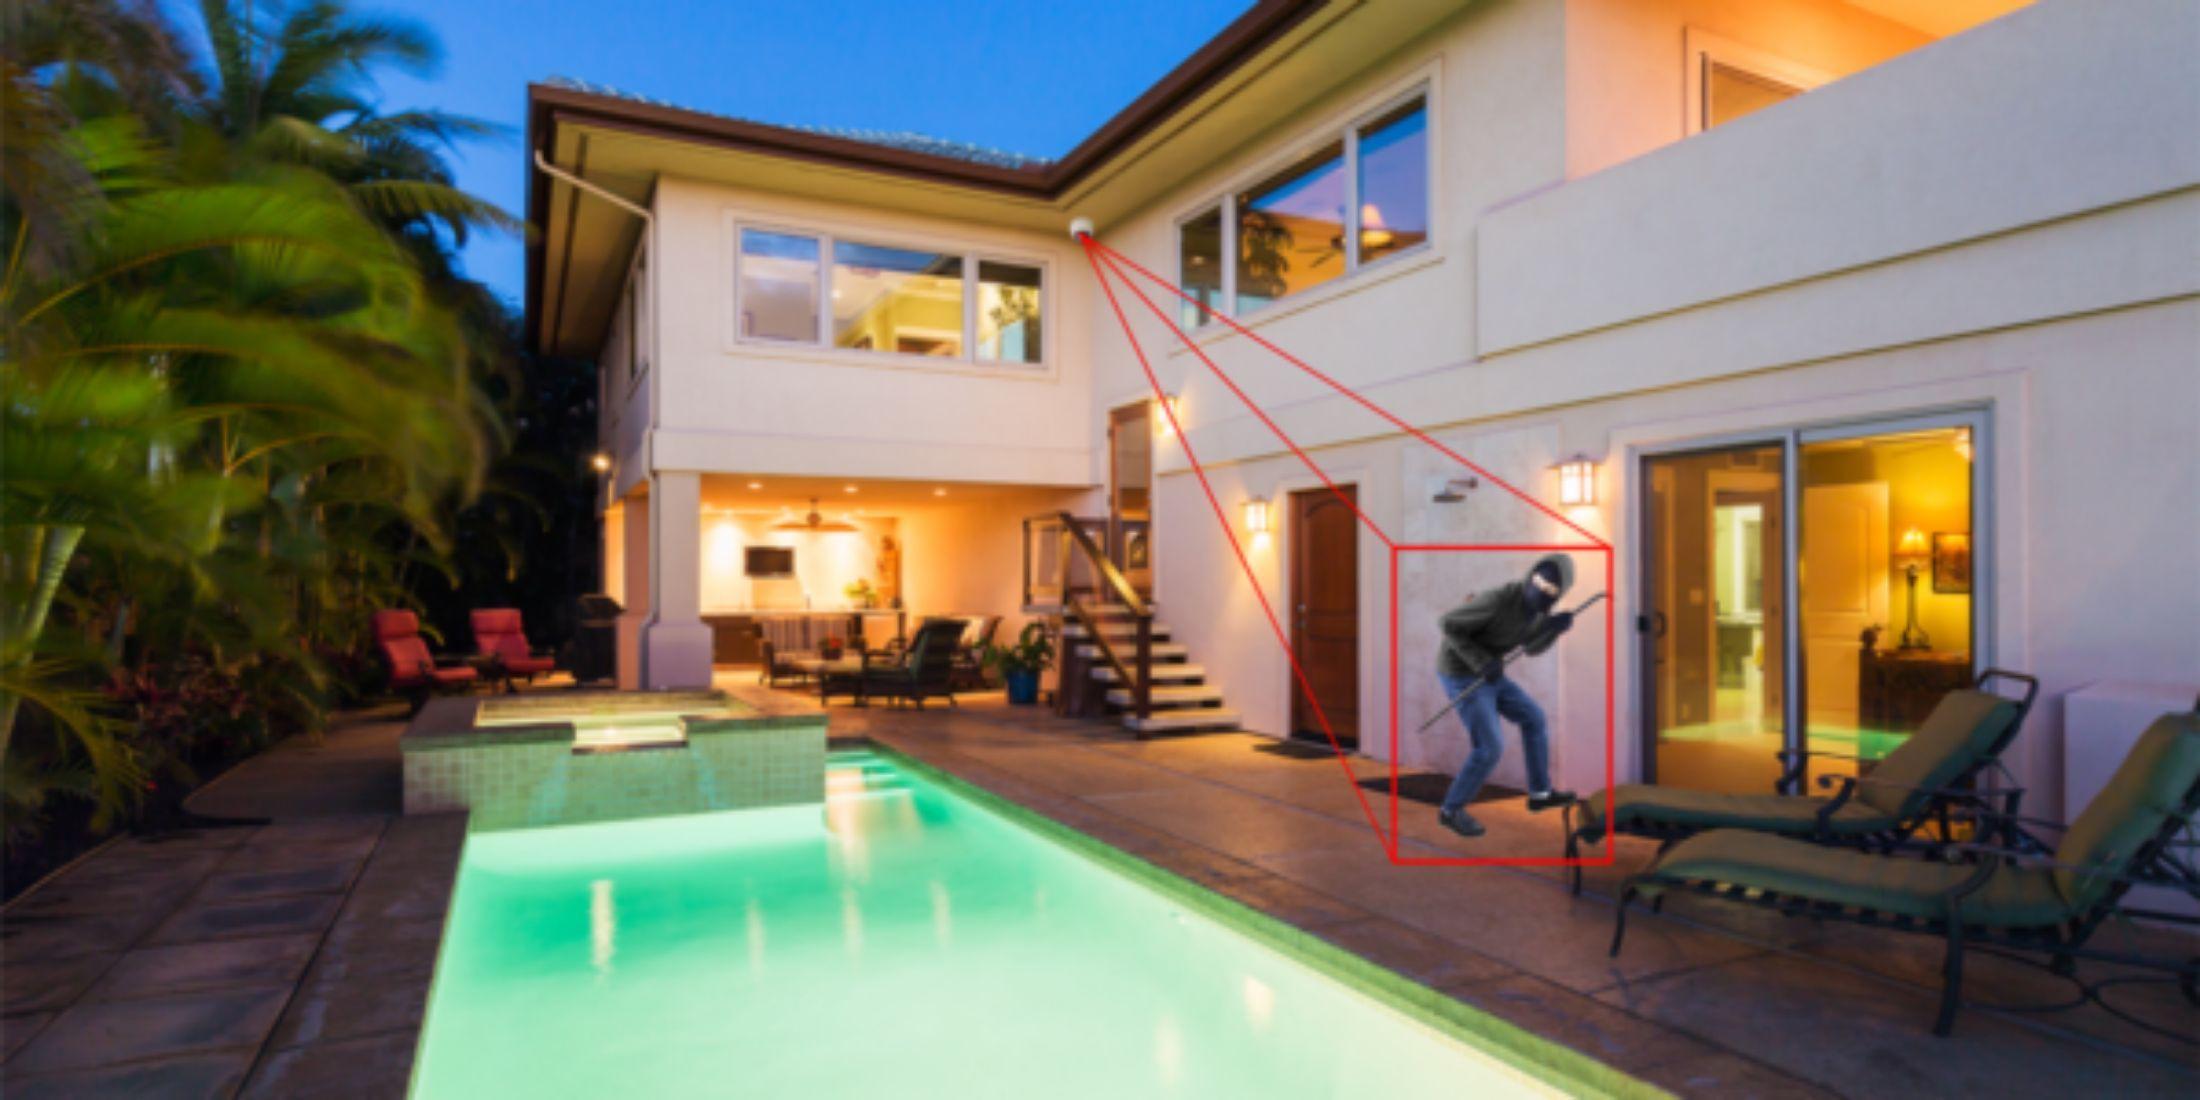 Instalacion de cámaras de videovigilancia en Marbella